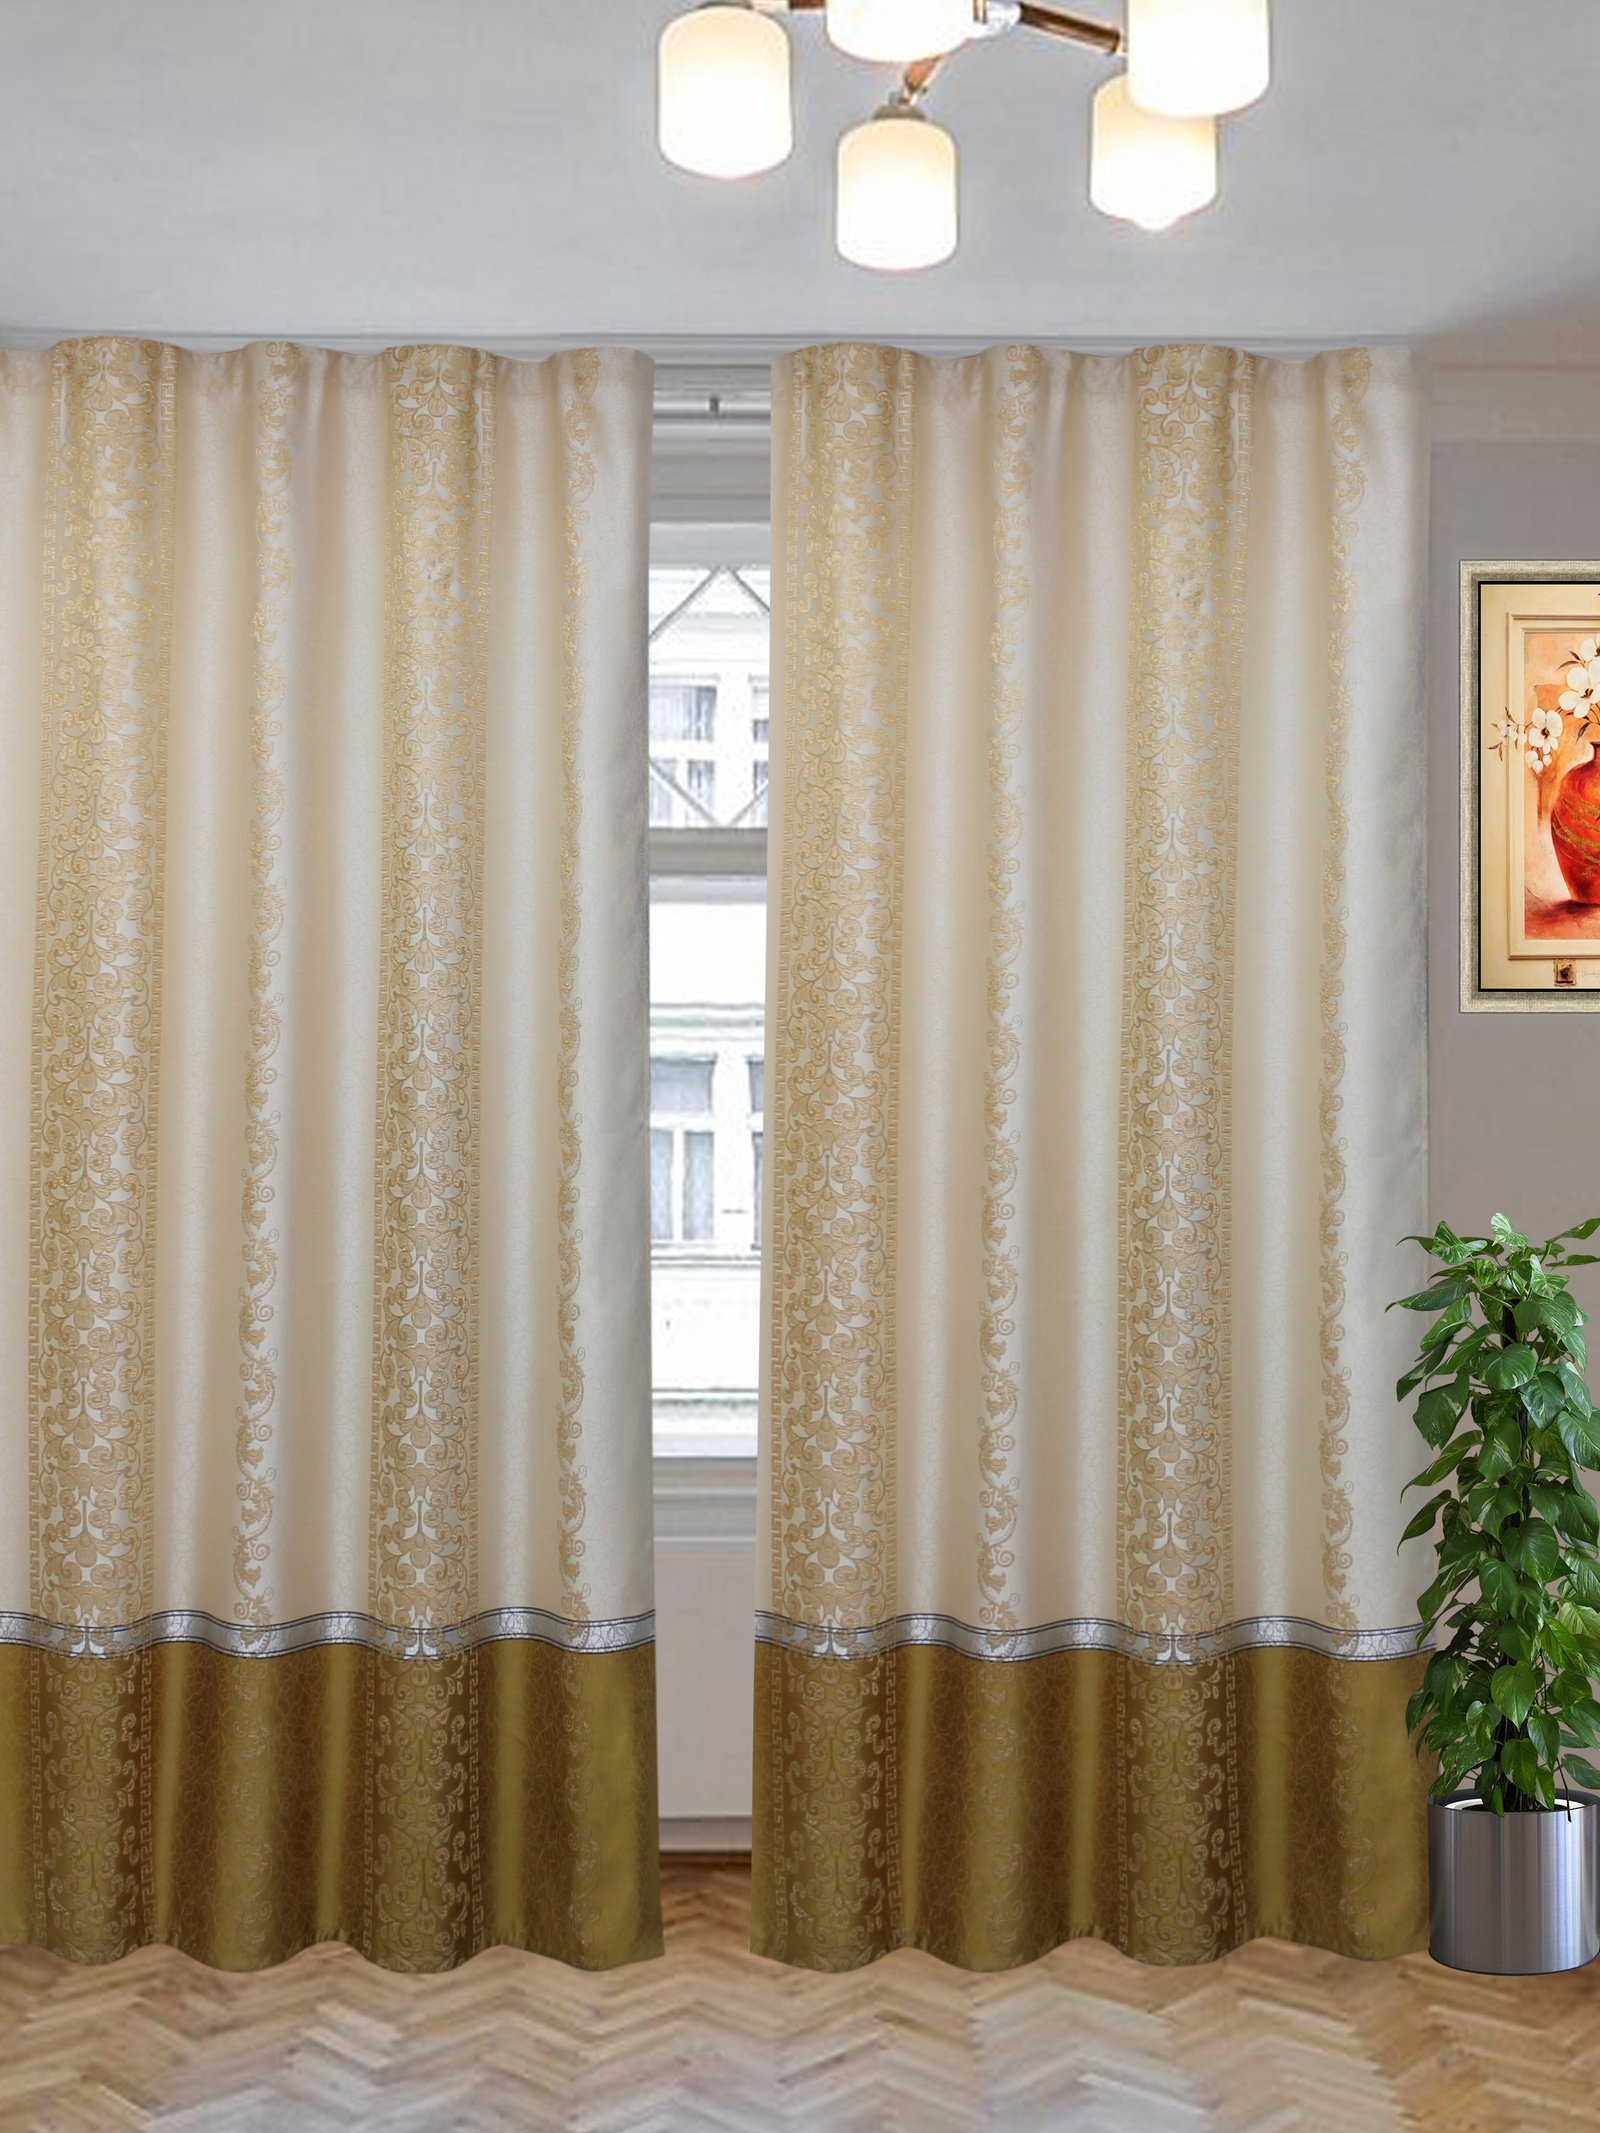 Комплект штор Текстиль.ру ТЕК-КШ-Галатея-12-3*2,5-Т, золотой, бежевый шторы для комнаты tomdom комплект штор тризи бежевый